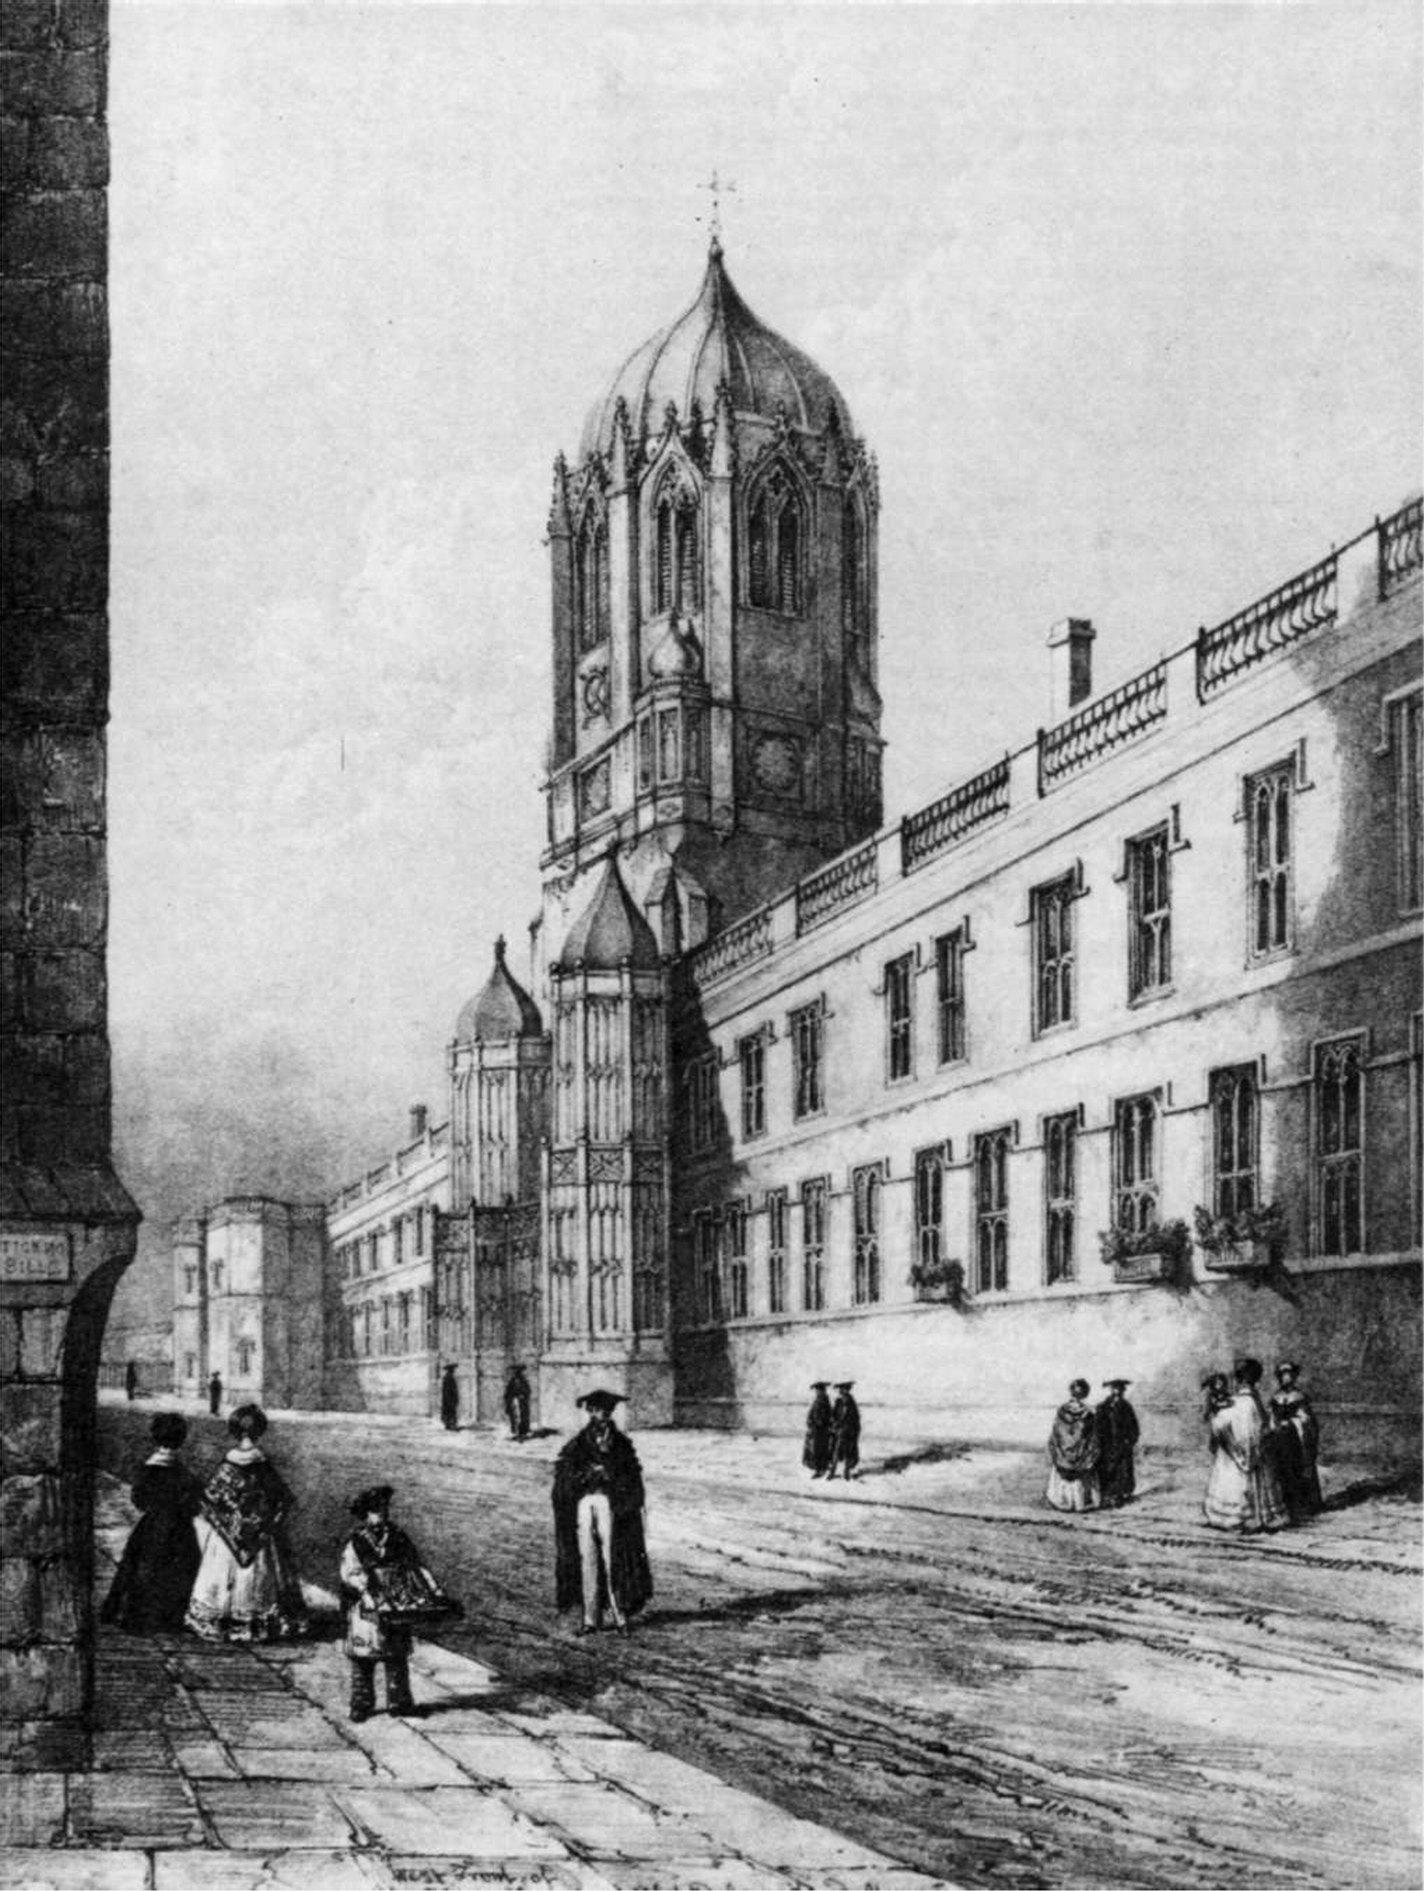 В XIX веке в колледже Оксфордского университета Christ Church студентам вручали черную мантию и шапку с квадратным верхом и кистью